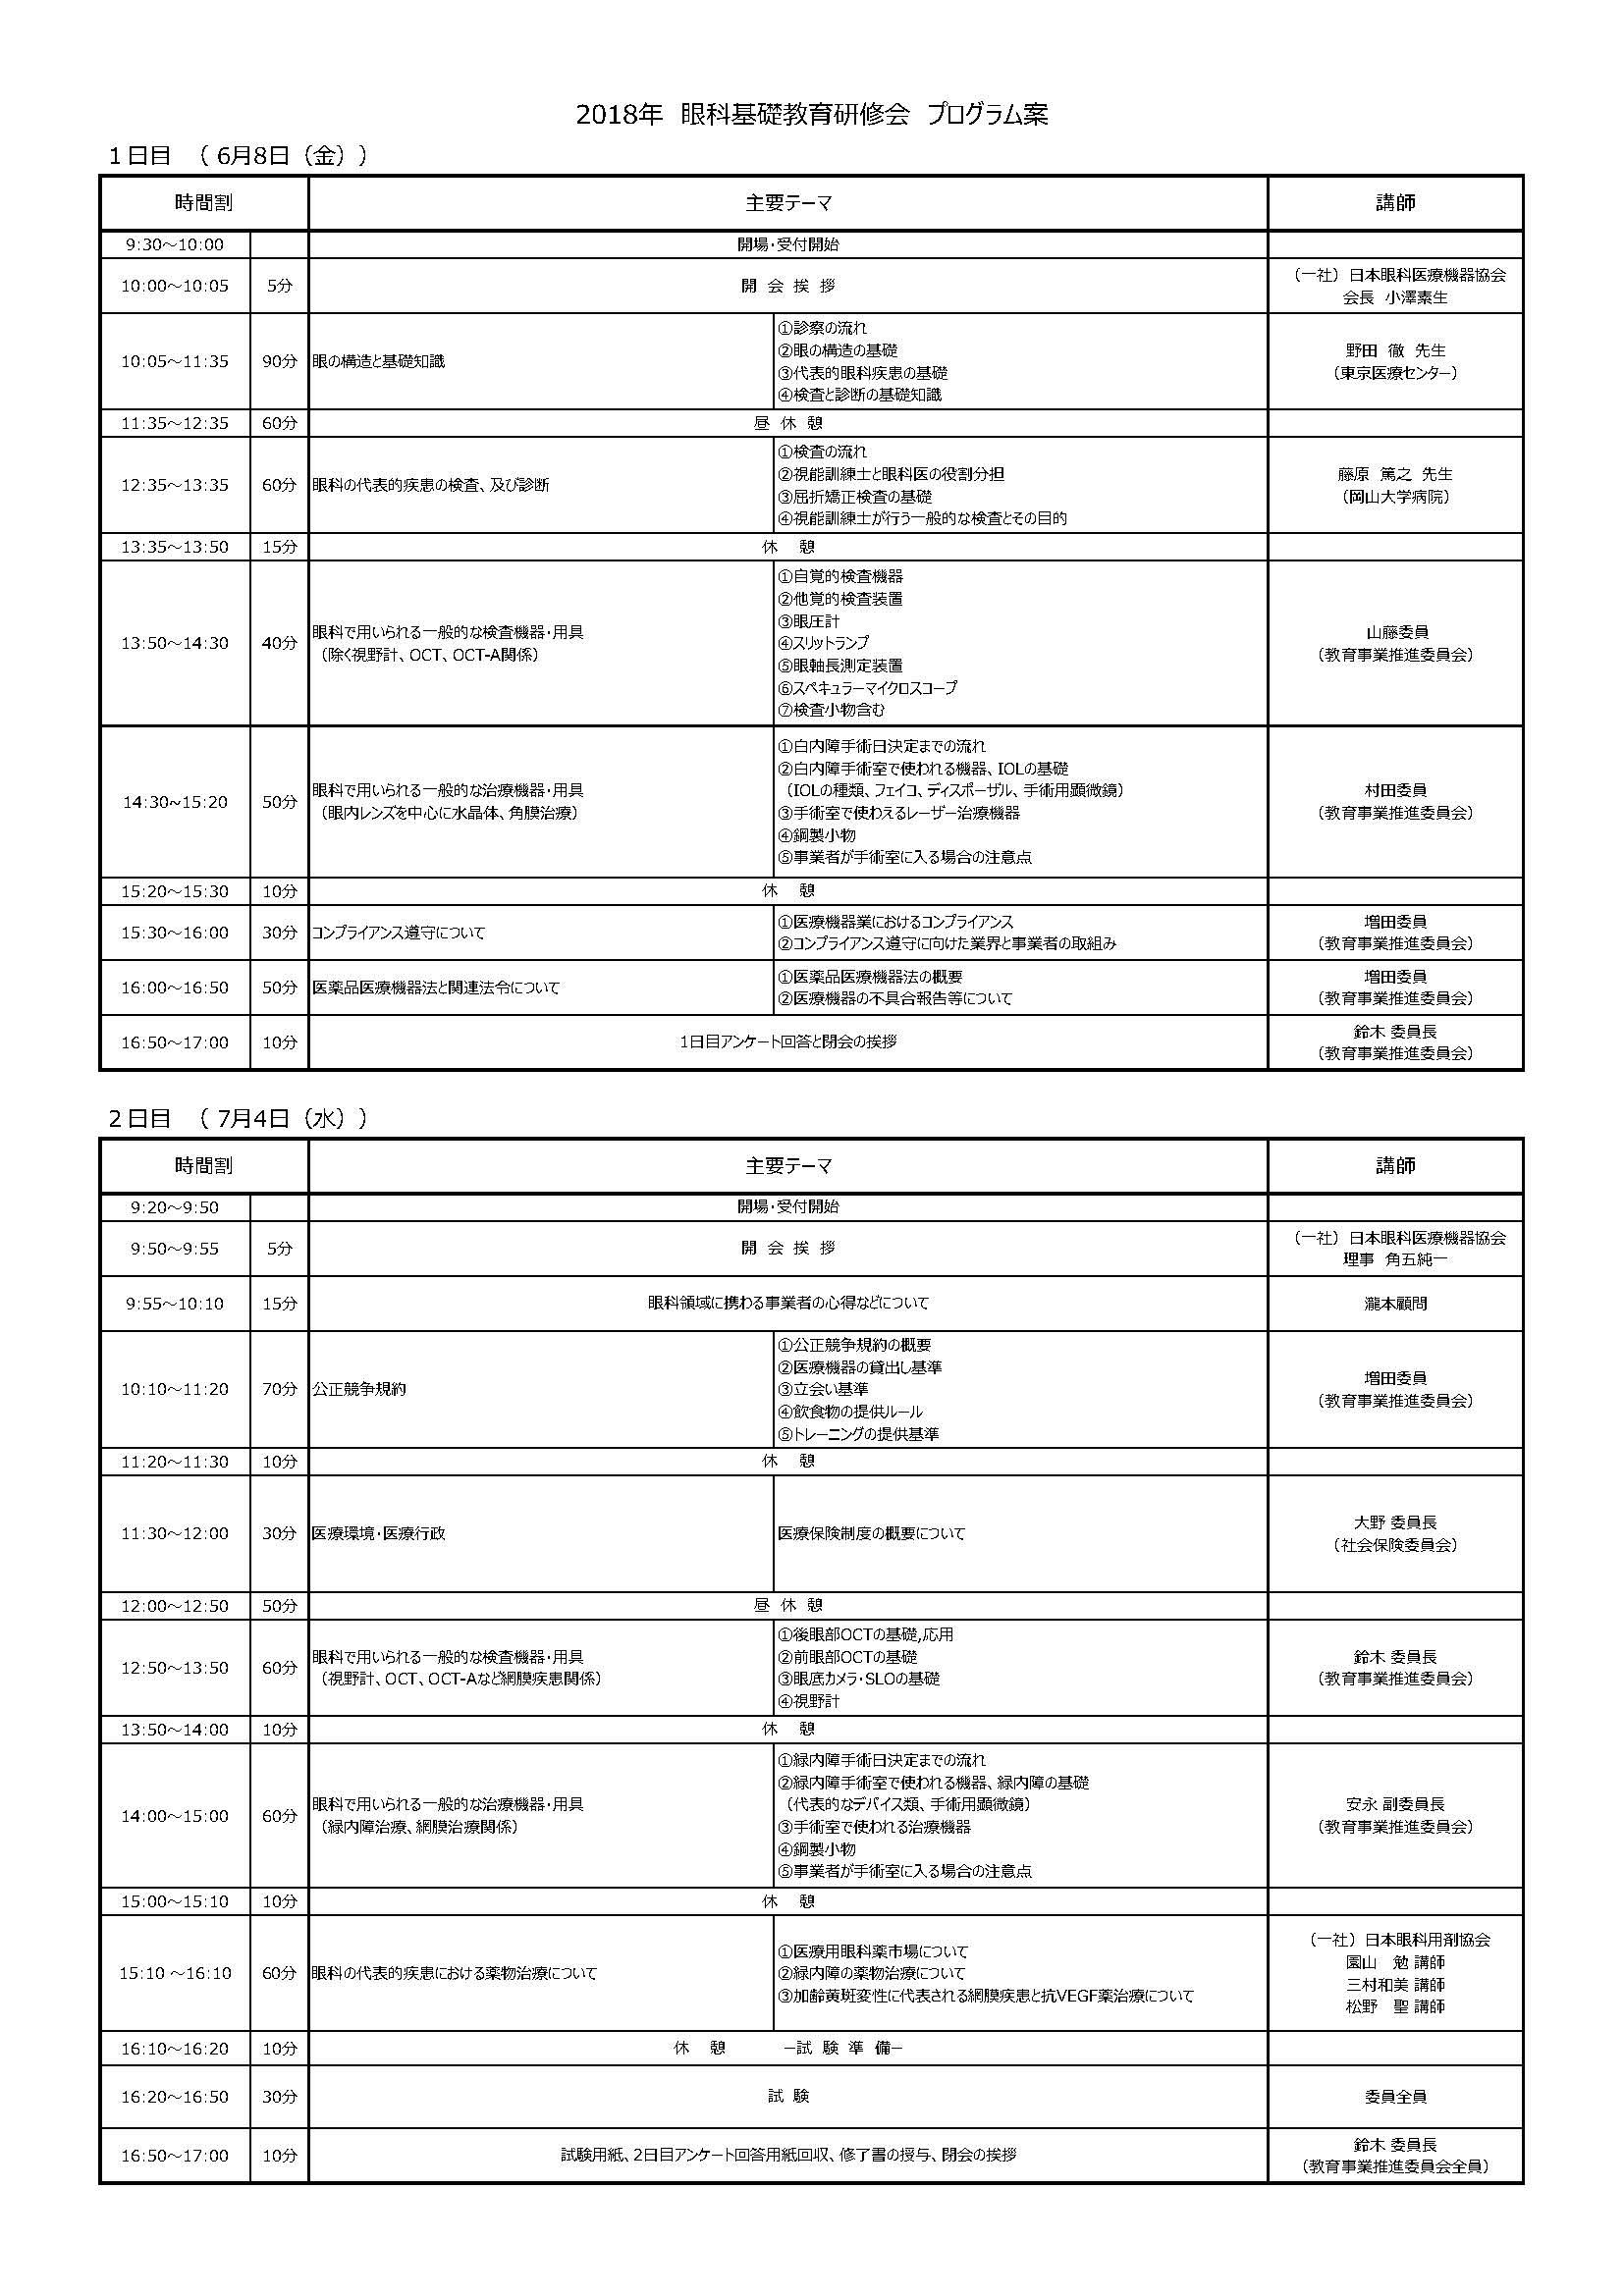 2018眼科基礎教育研修会プログラム